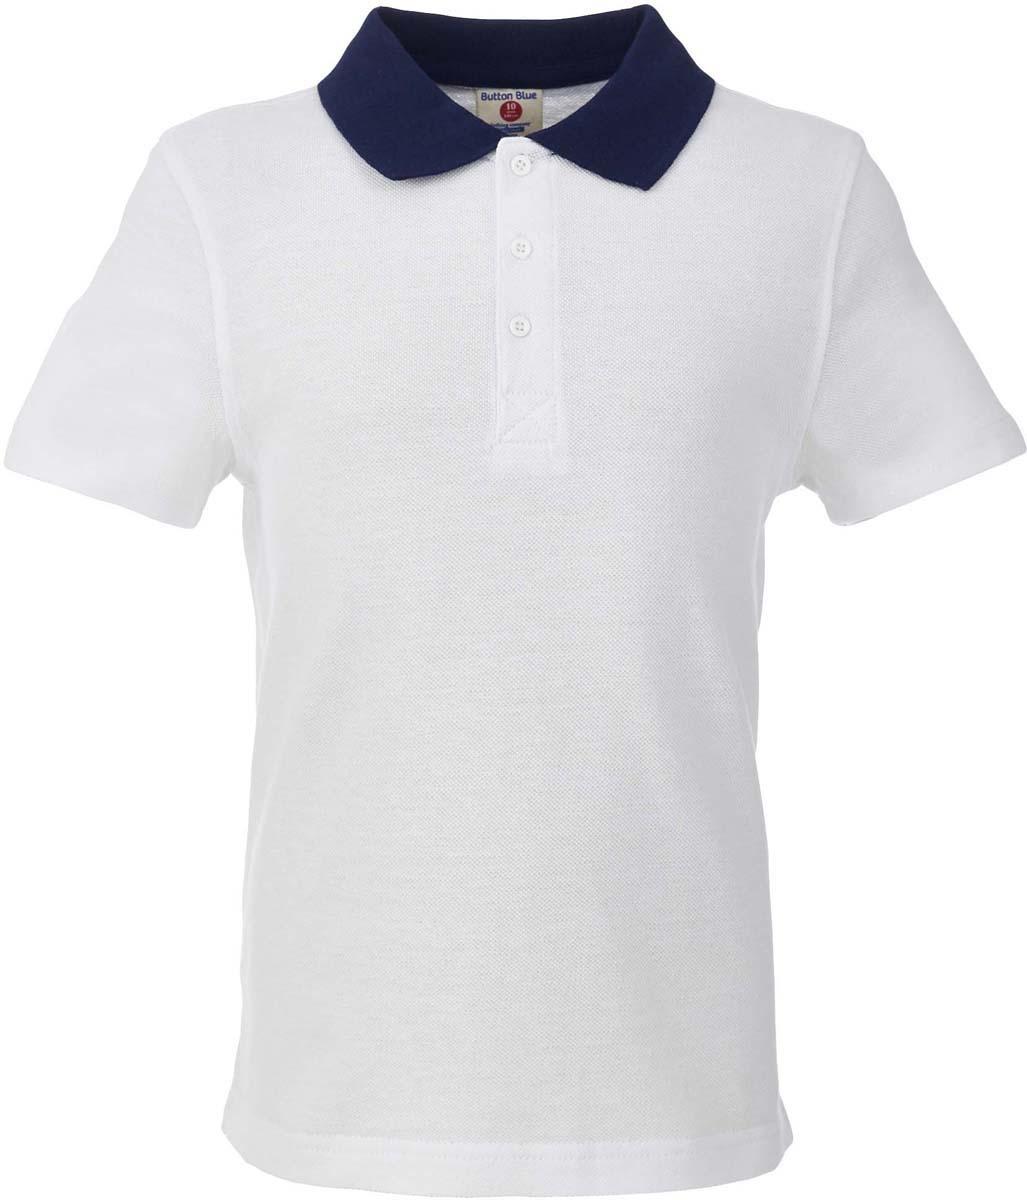 Поло для мальчика Button Blue, цвет: белый. 217BBBS14020200. Размер 152, 12 лет217BBBS14020200Прекрасная альтернатива сорочке - белое поло! По удобству и комфорту, поло для мальчика в школу не менее удобно, чем футболка с коротким рукавом, но поло выглядит строже и наряднее. Небольшой цветовой акцент (воротник и внутренняя планка) придает модели изюминку.